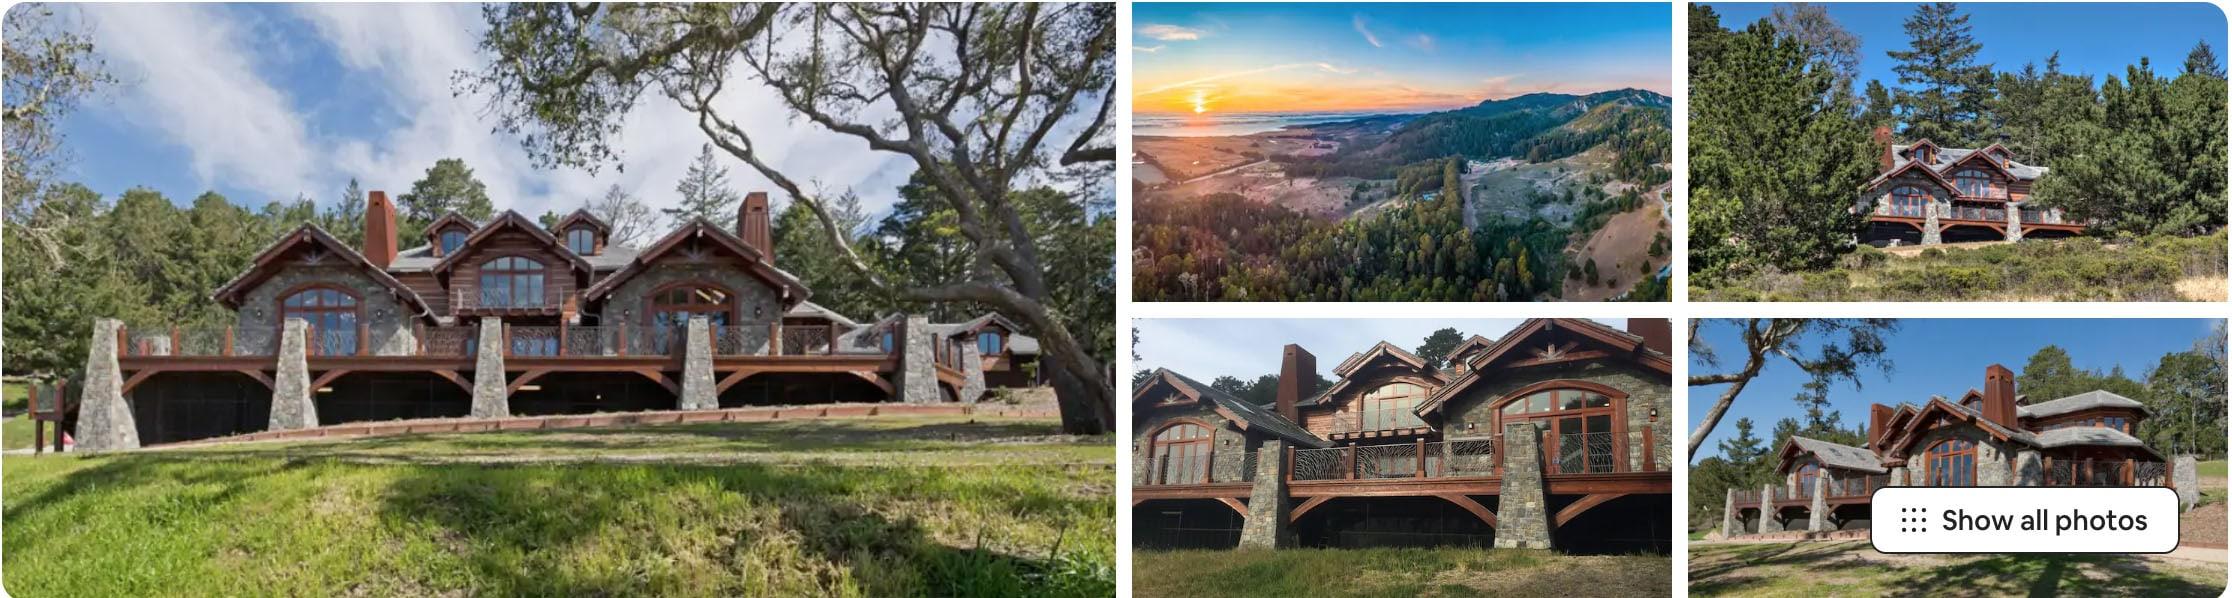 Pacific Ocean Mountain Estate